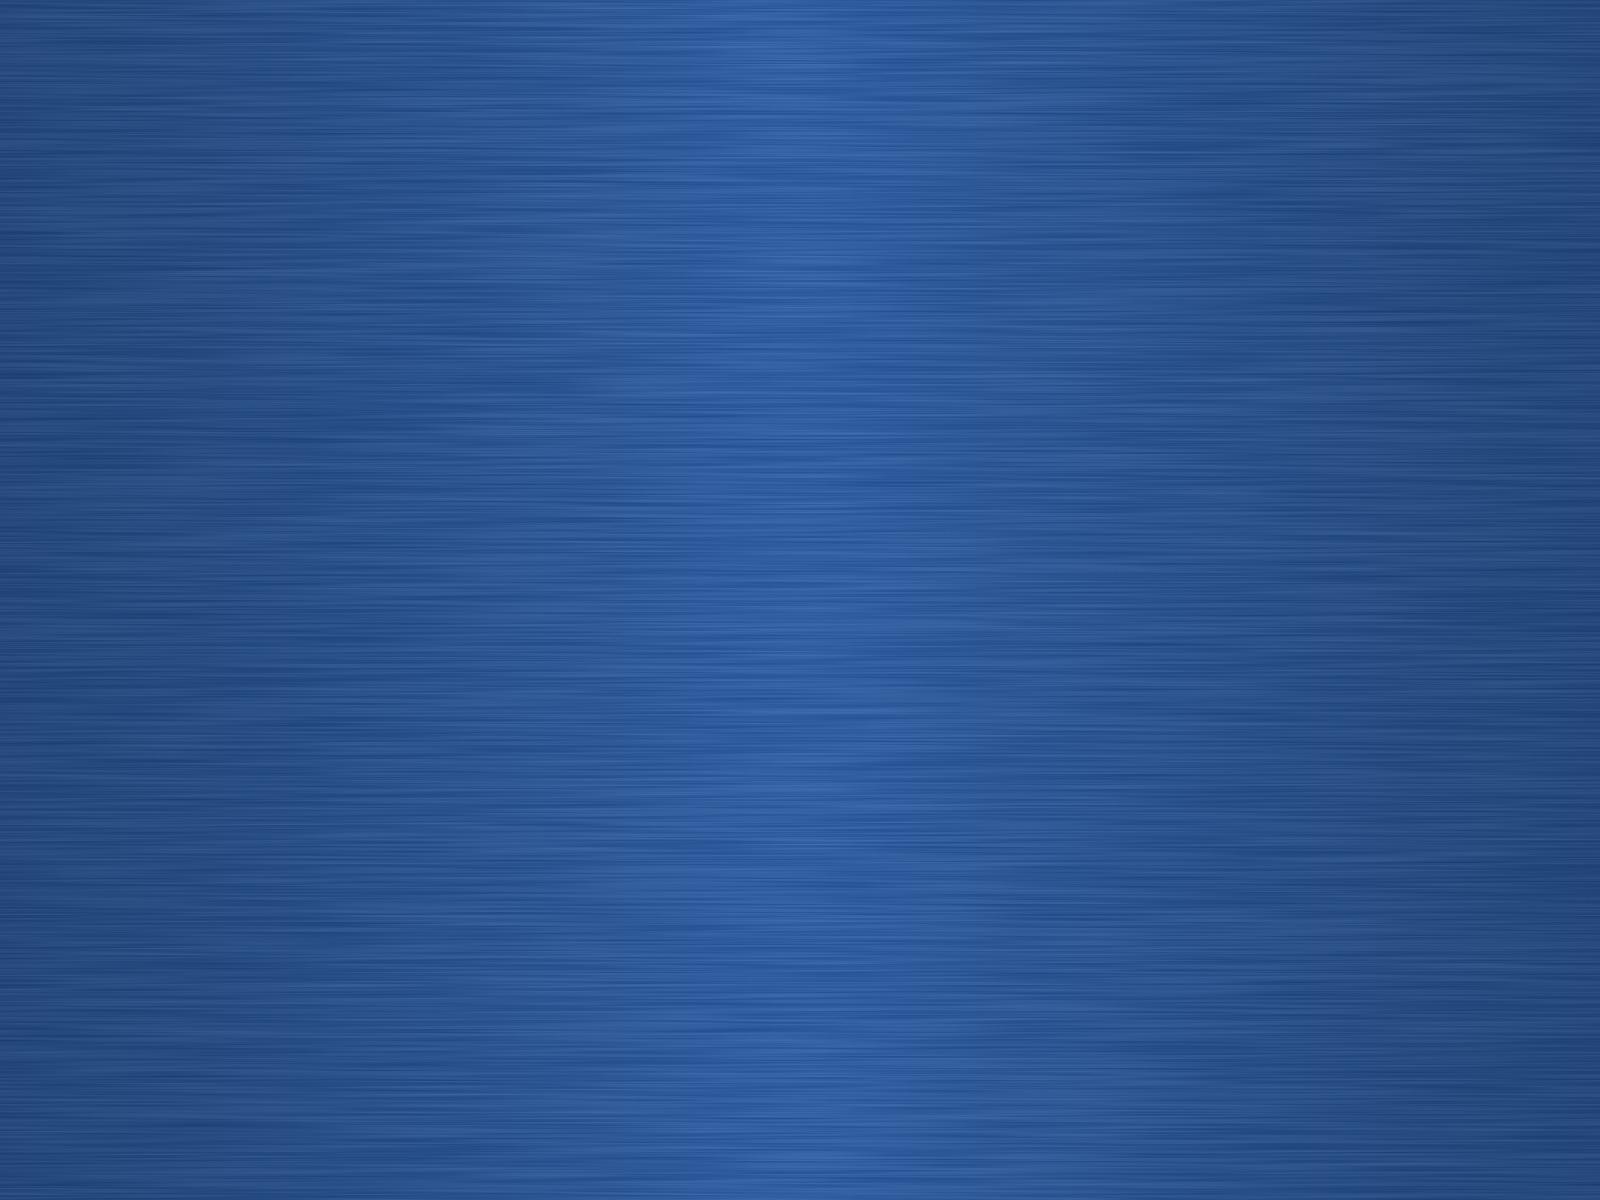 wallpaper duck egg blue silver